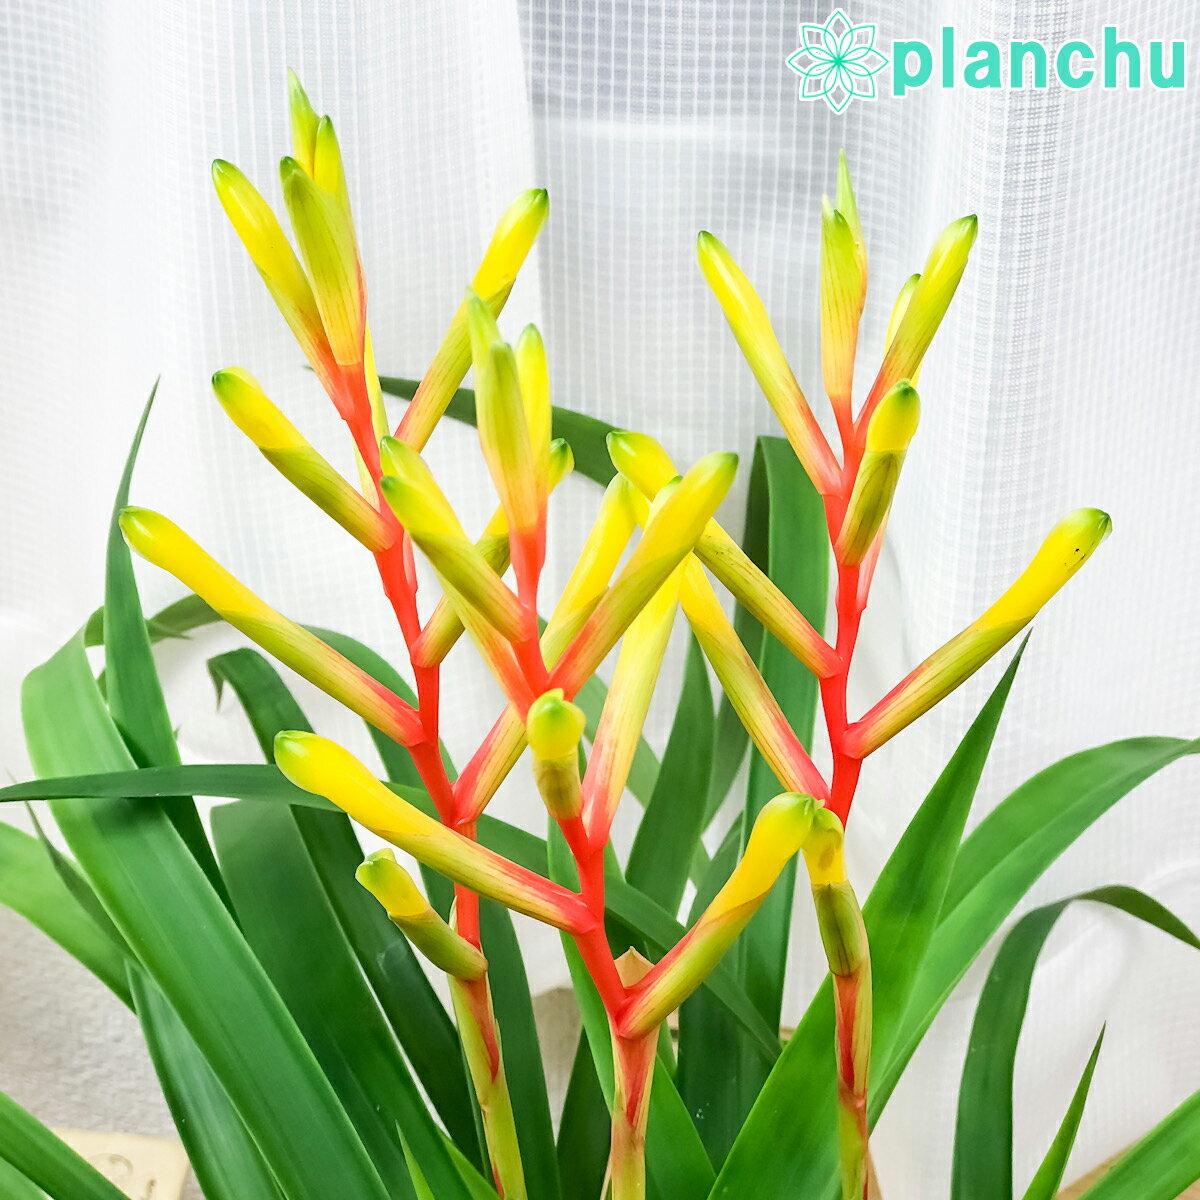 レア品種!観葉植物 ブロメリア グズマニア ディシティフローラ メジャー 3本立ち 開花株 4.5号鉢 受け皿付き Guzmania dissitiflora 'Major'